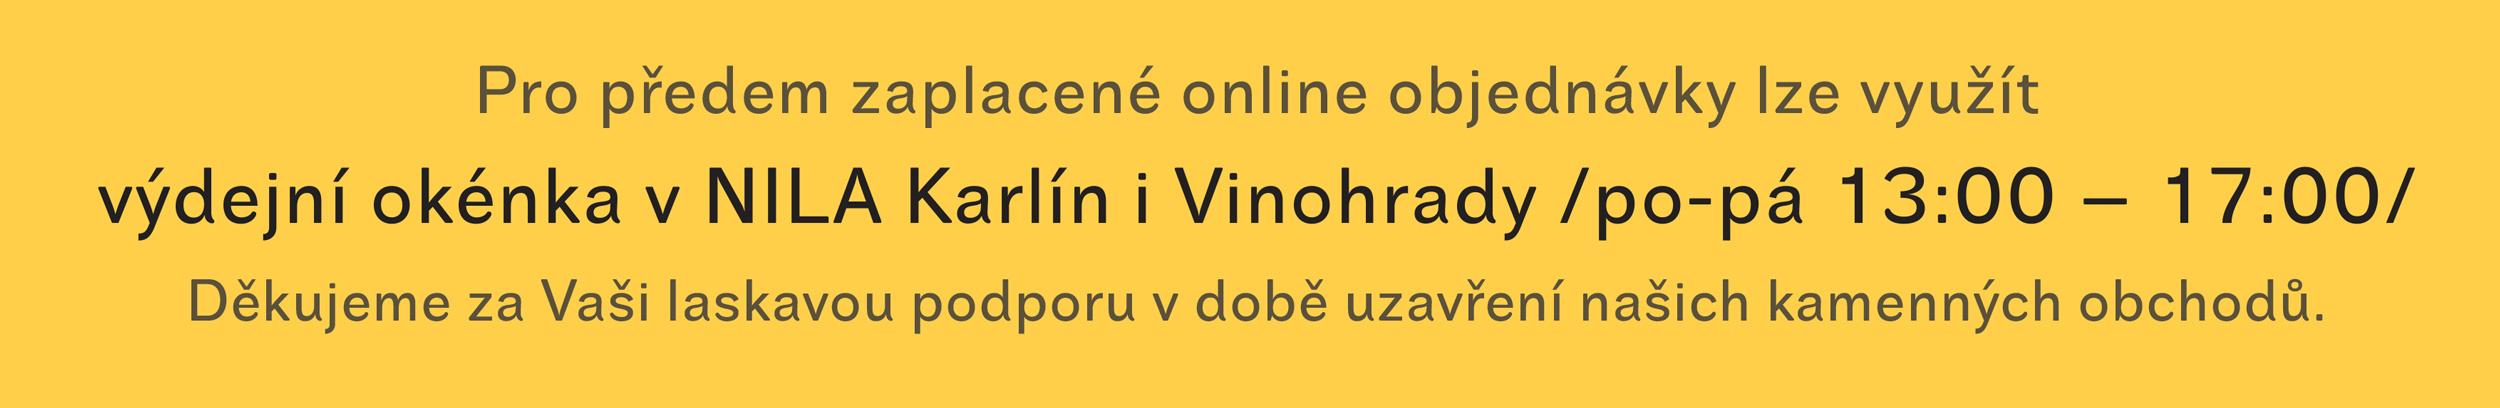 00_uzky-banner--_-vydejni-okenka.jpg